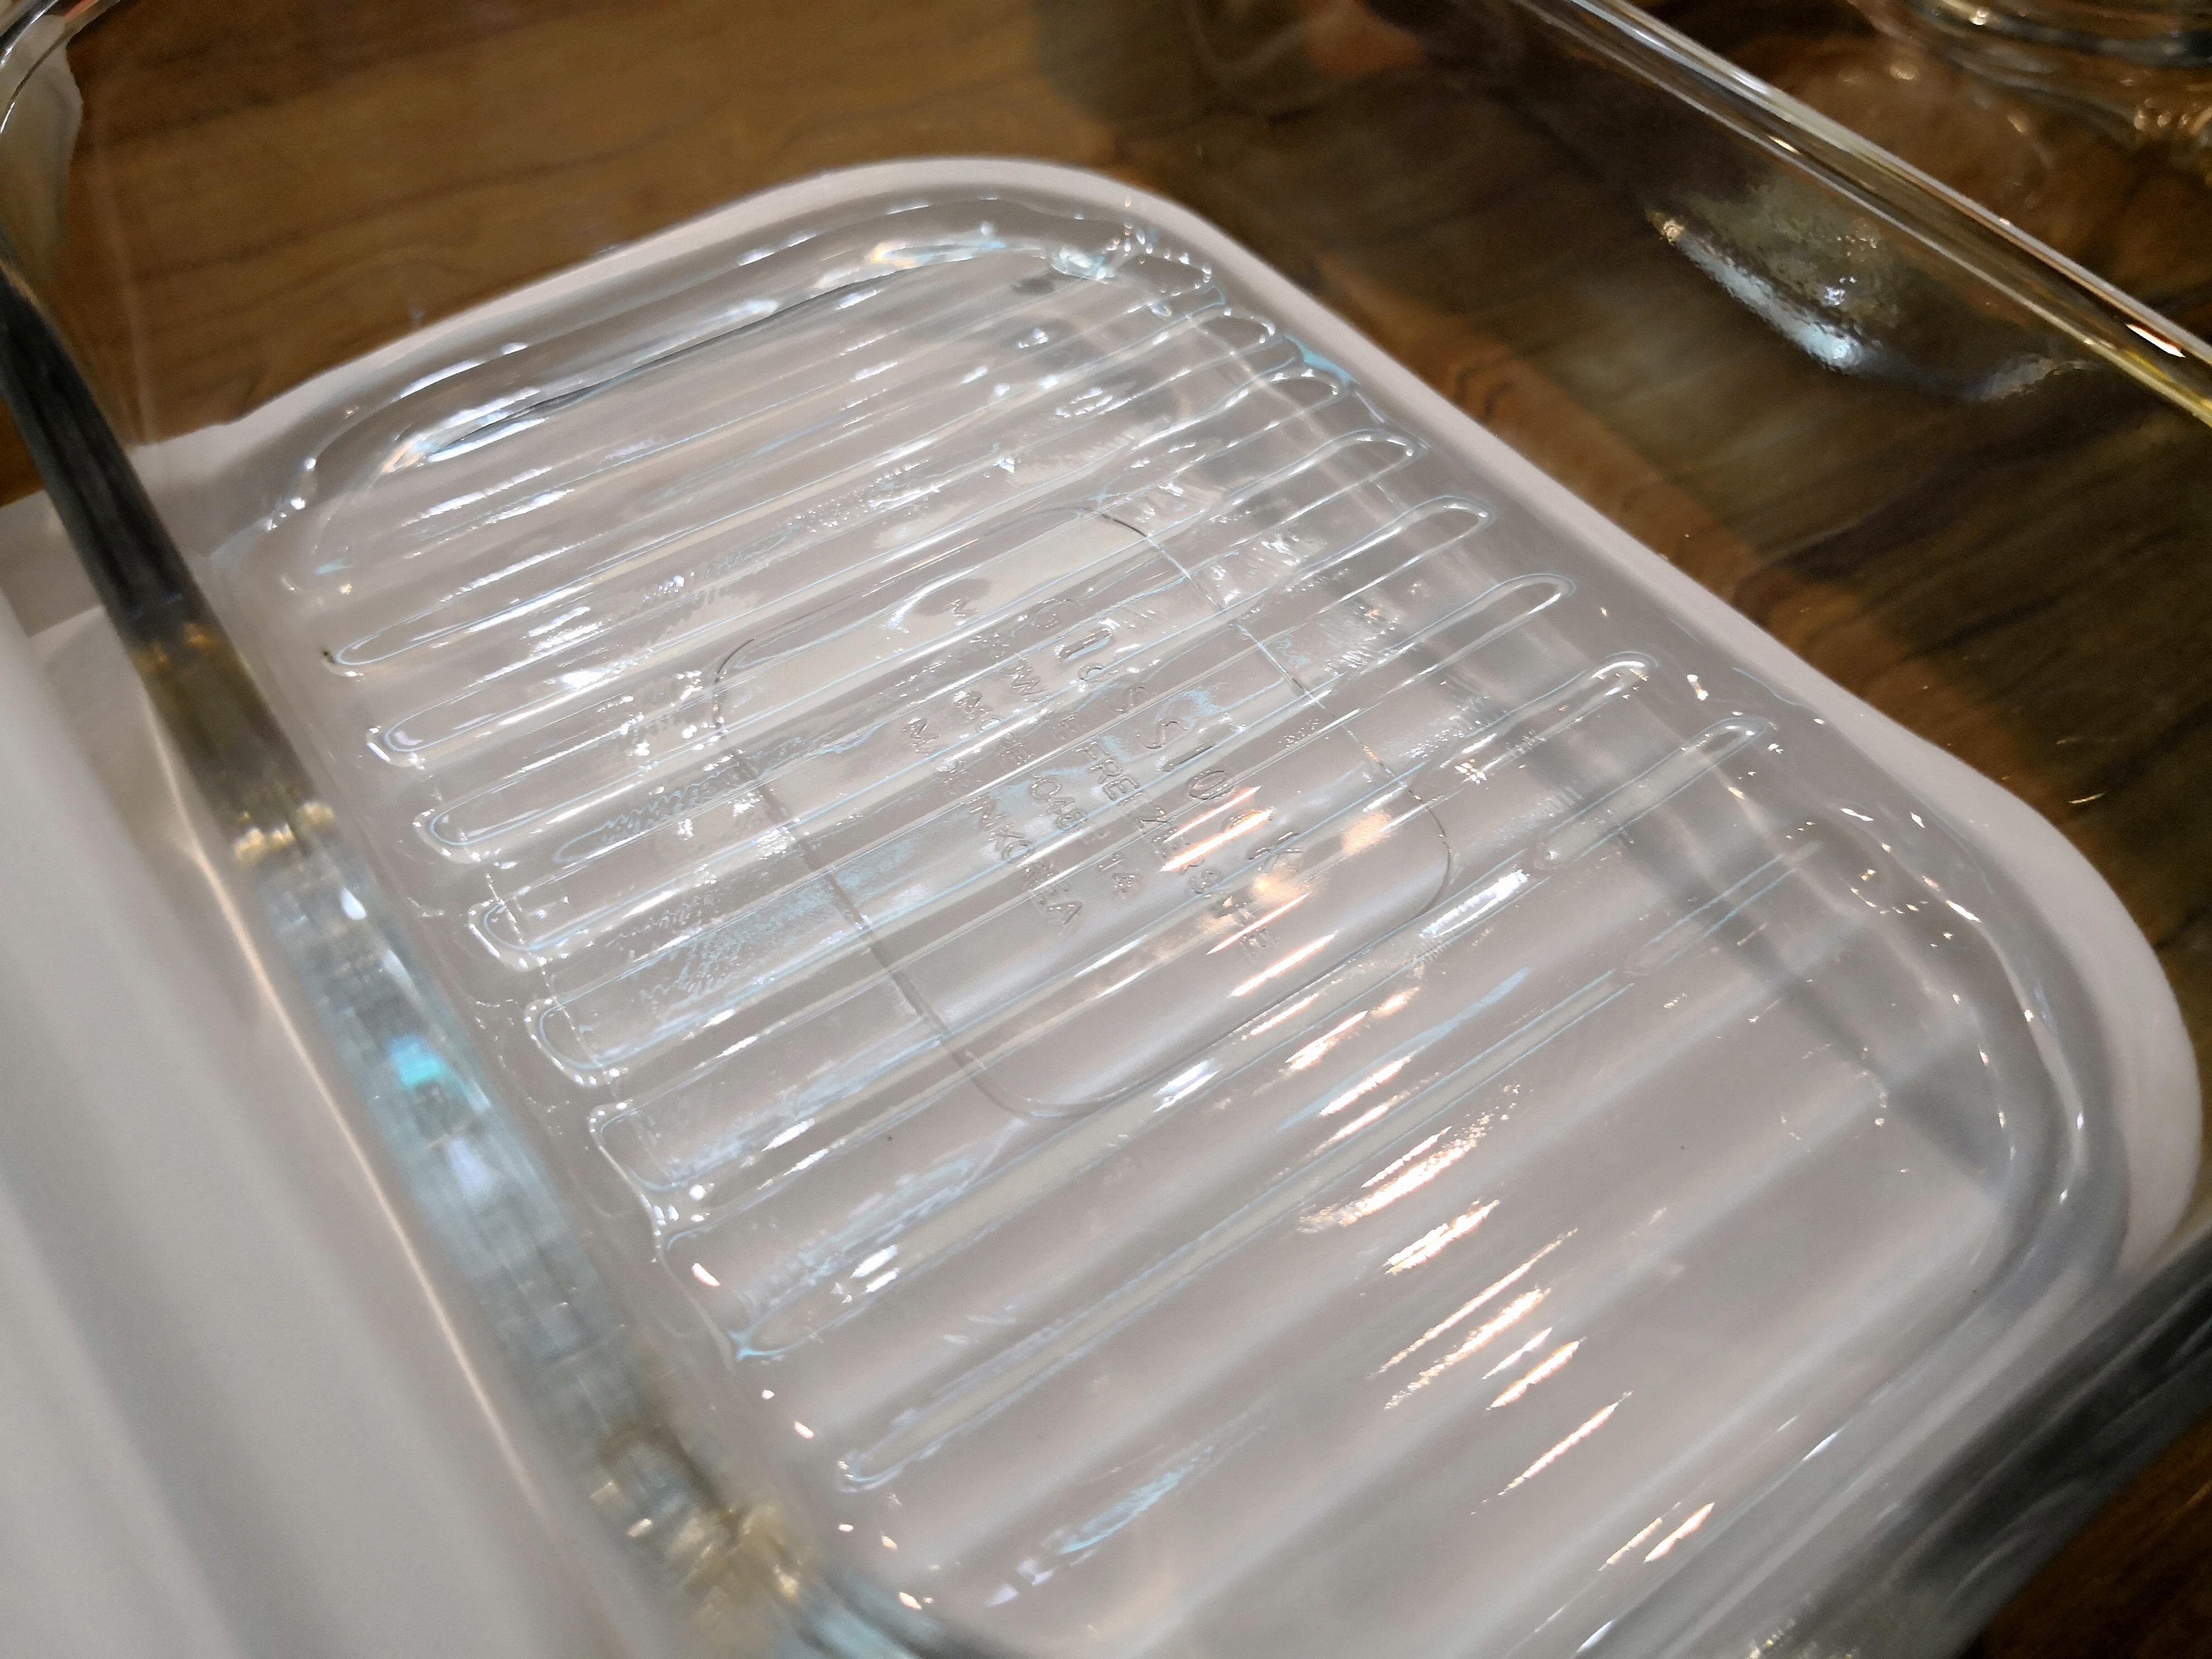 冷凍したときに食材がはがれやすいようになっているグラスロックの保存容器